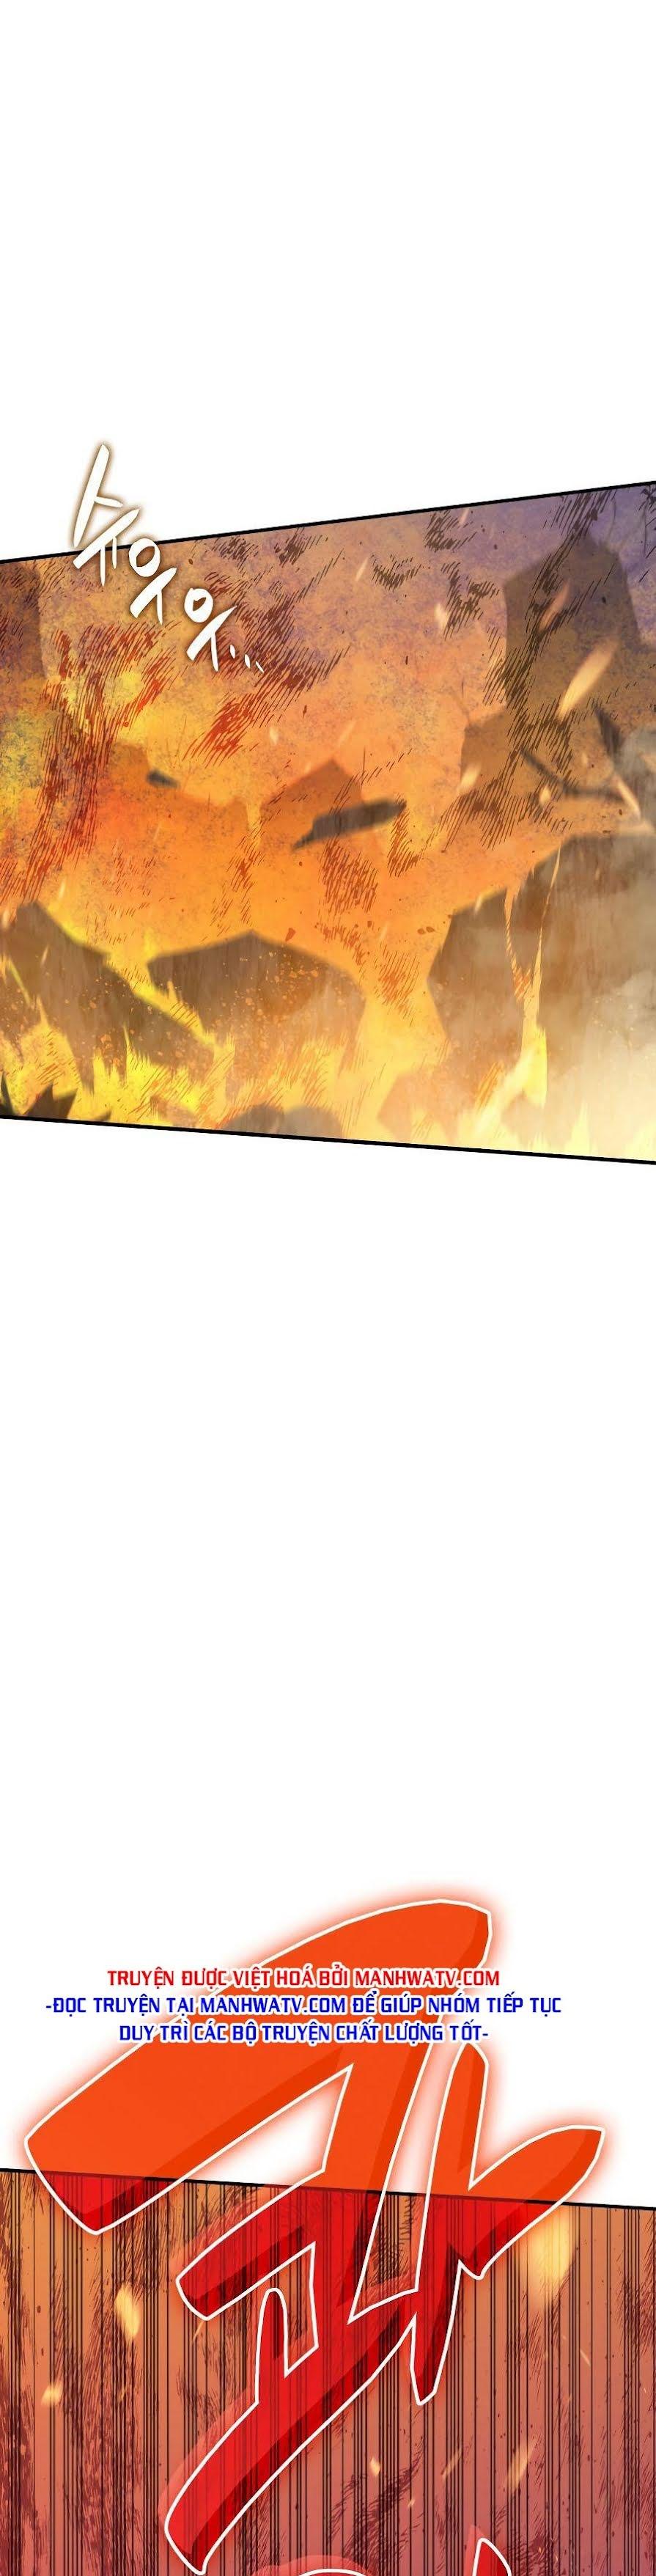 Đọc truyện [Manhwatv] Sức mạnh của người chơi mới - Chap 52